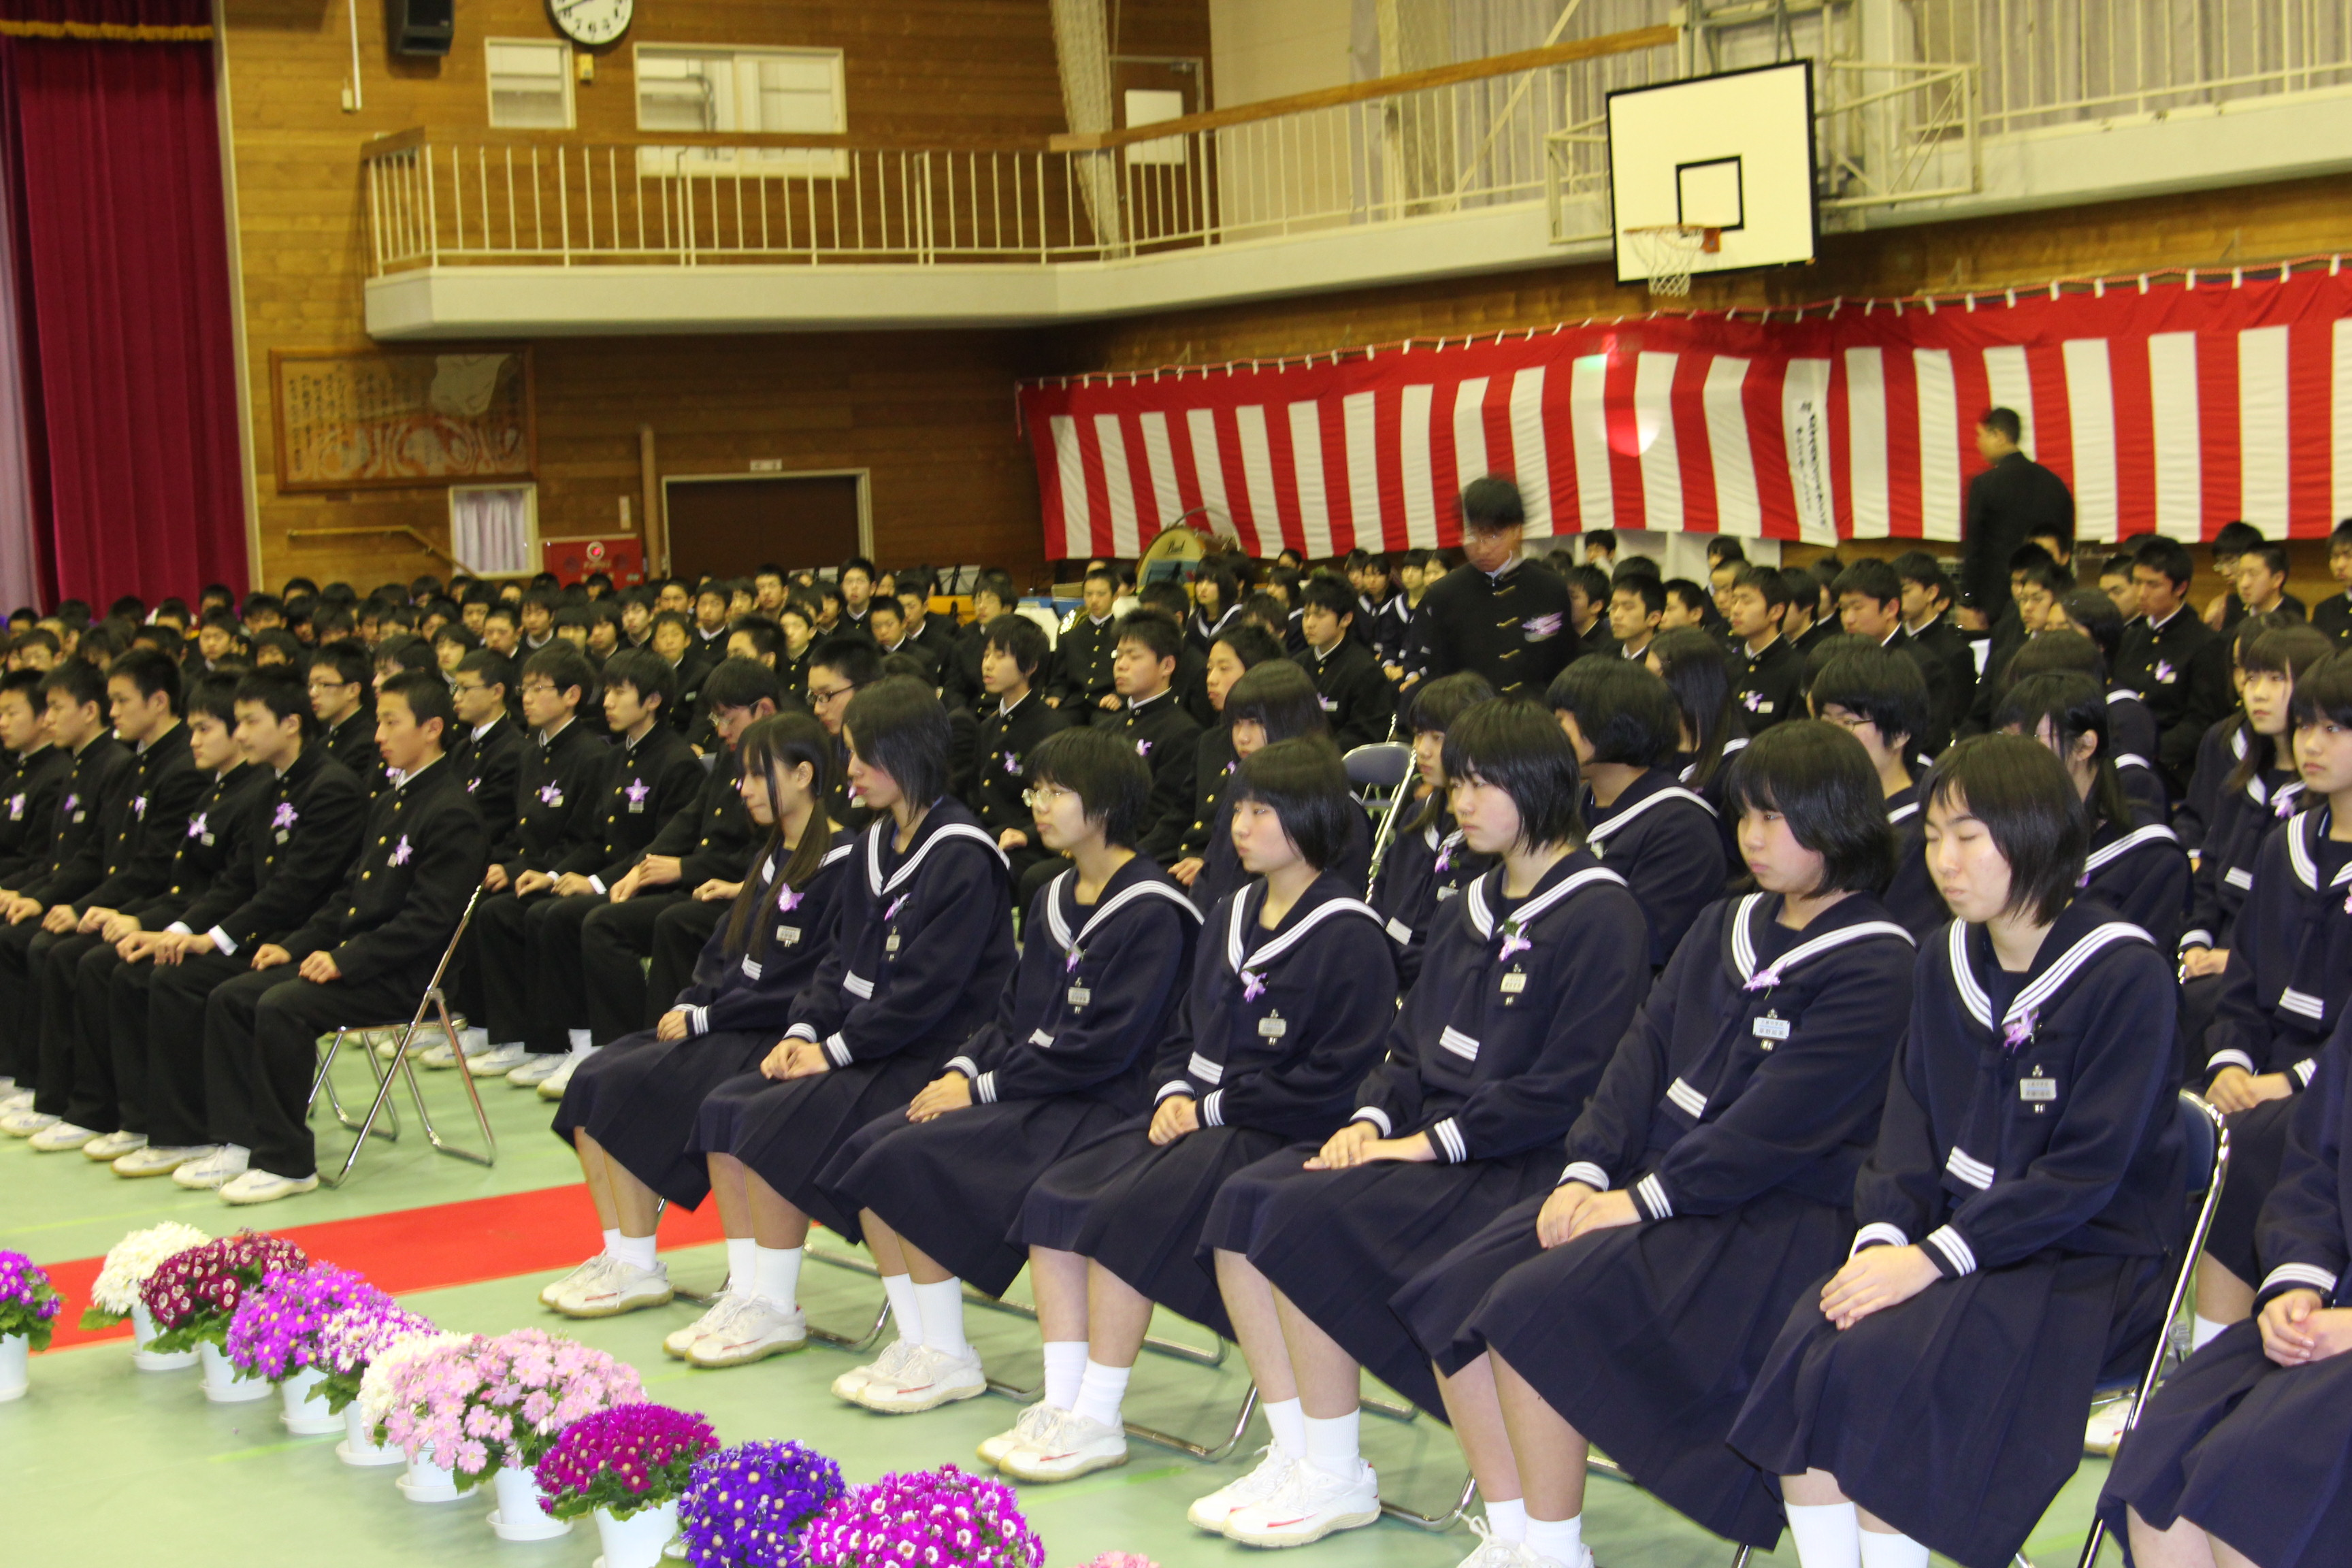 卒業 式 中学校 卒業式はご主人も出席されますか?